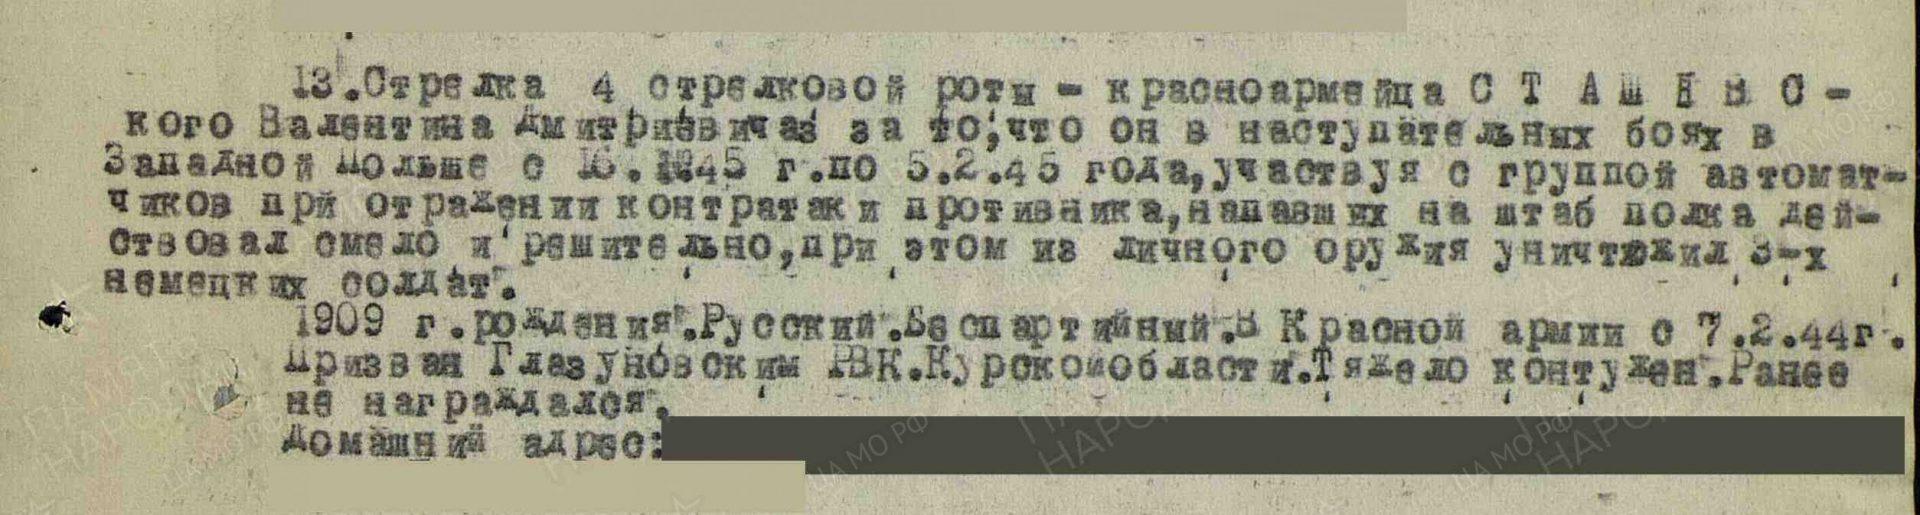 Сташевский Валентин Дмитриевич